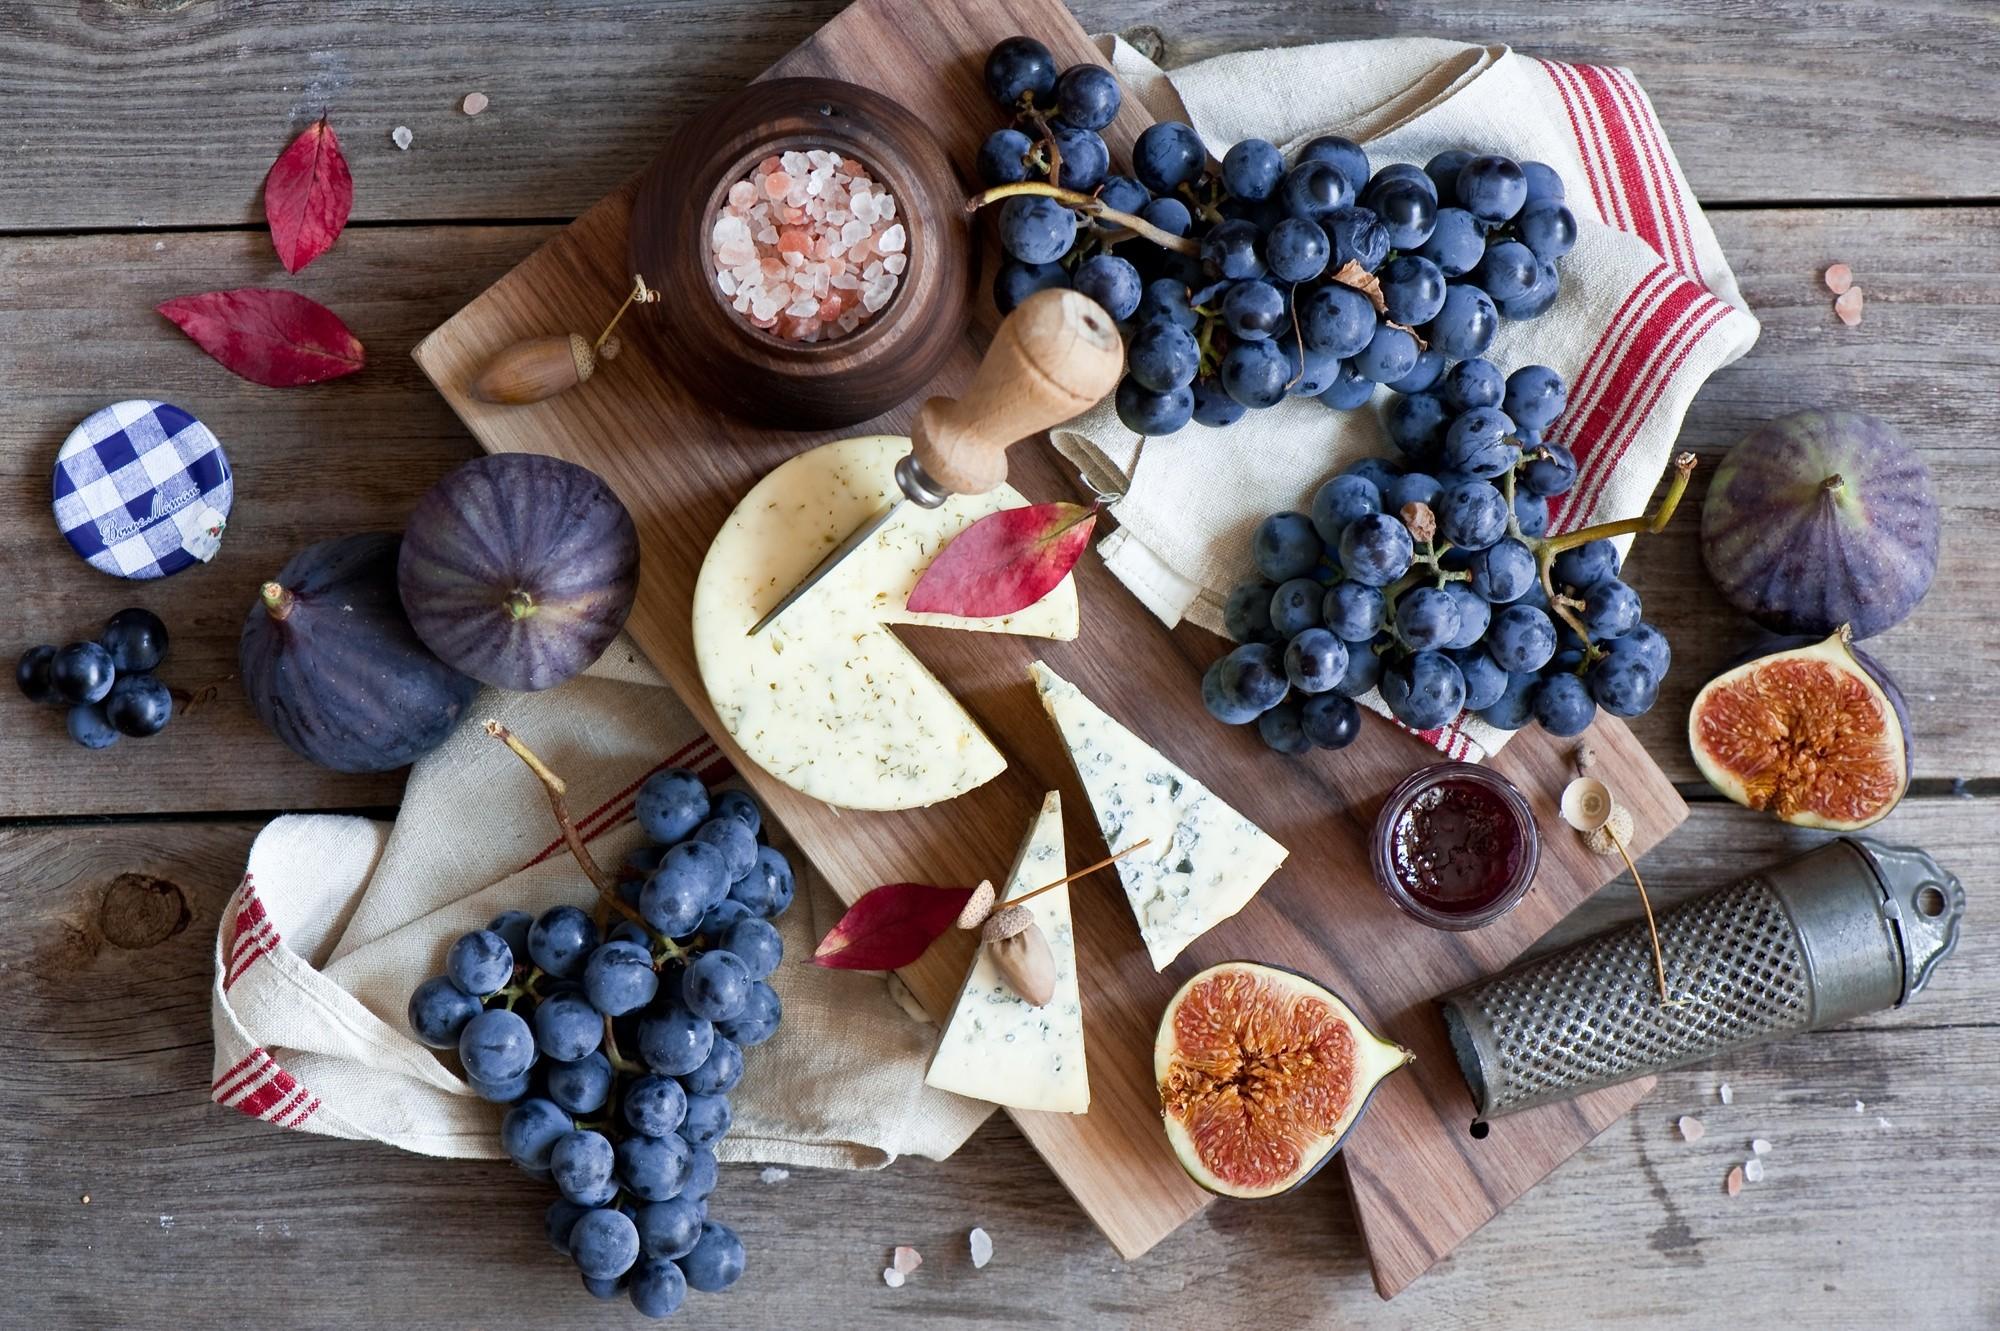 151393 Заставки и Обои Виноград на телефон. Скачать Еда, Виноград, Сыр, Доска, Инжир картинки бесплатно